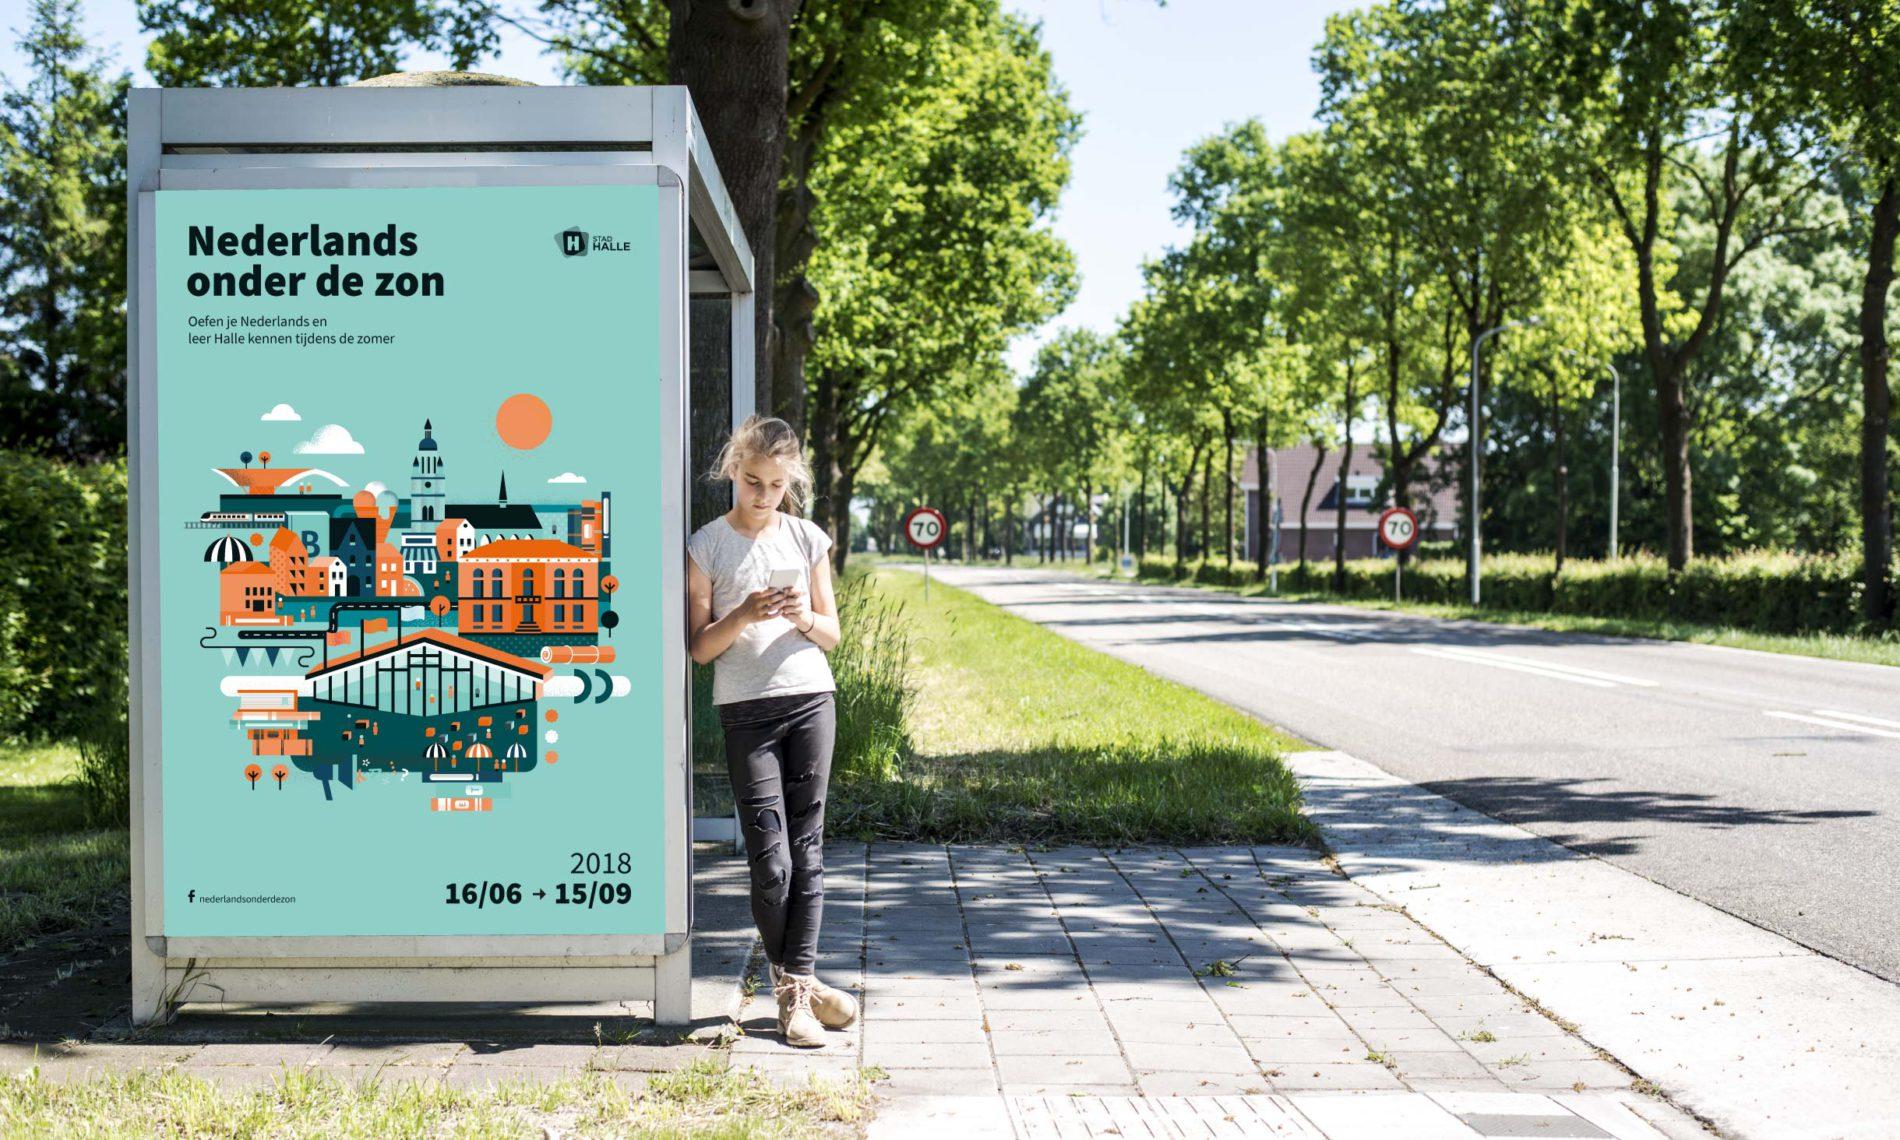 Affiche aan bushalte.